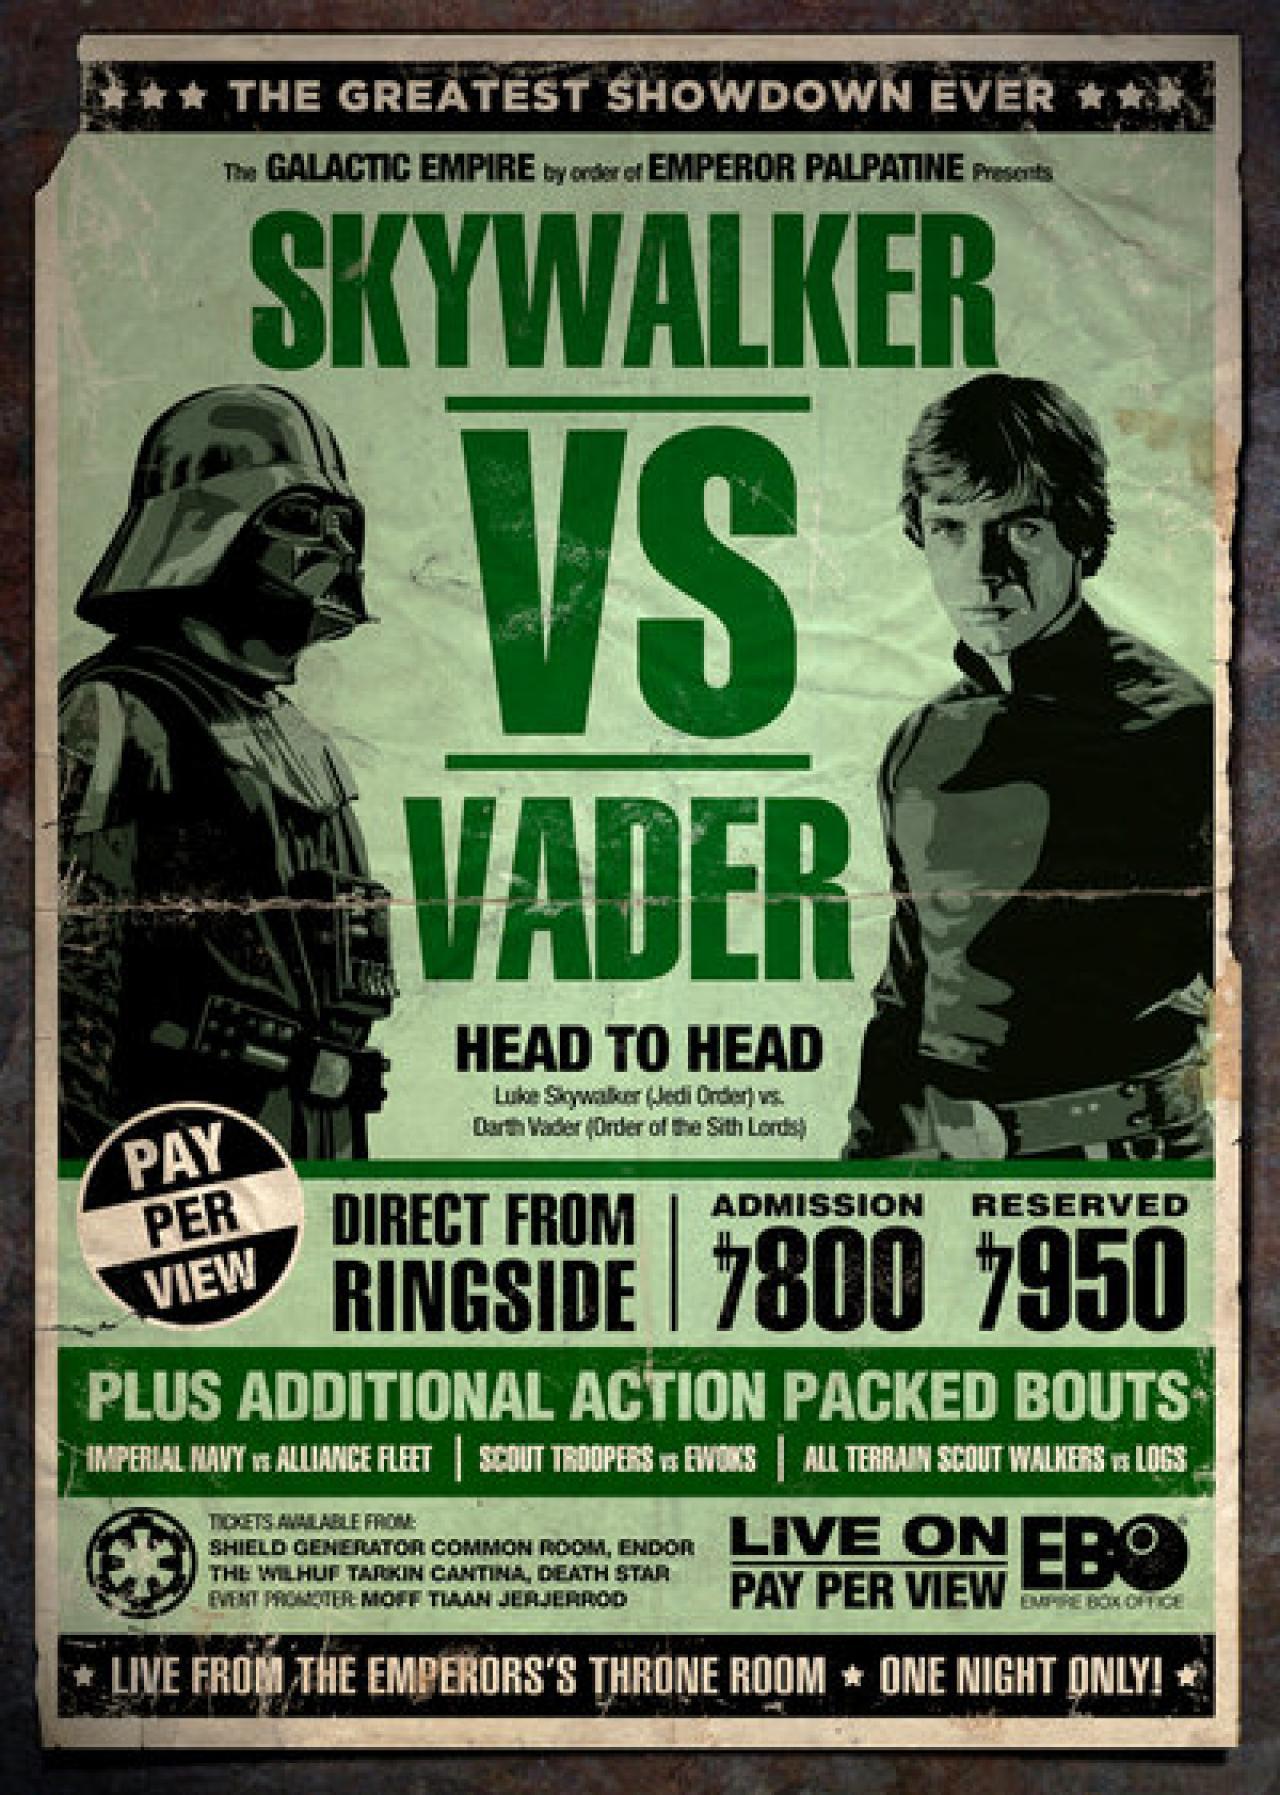 skywalker-vs-vader